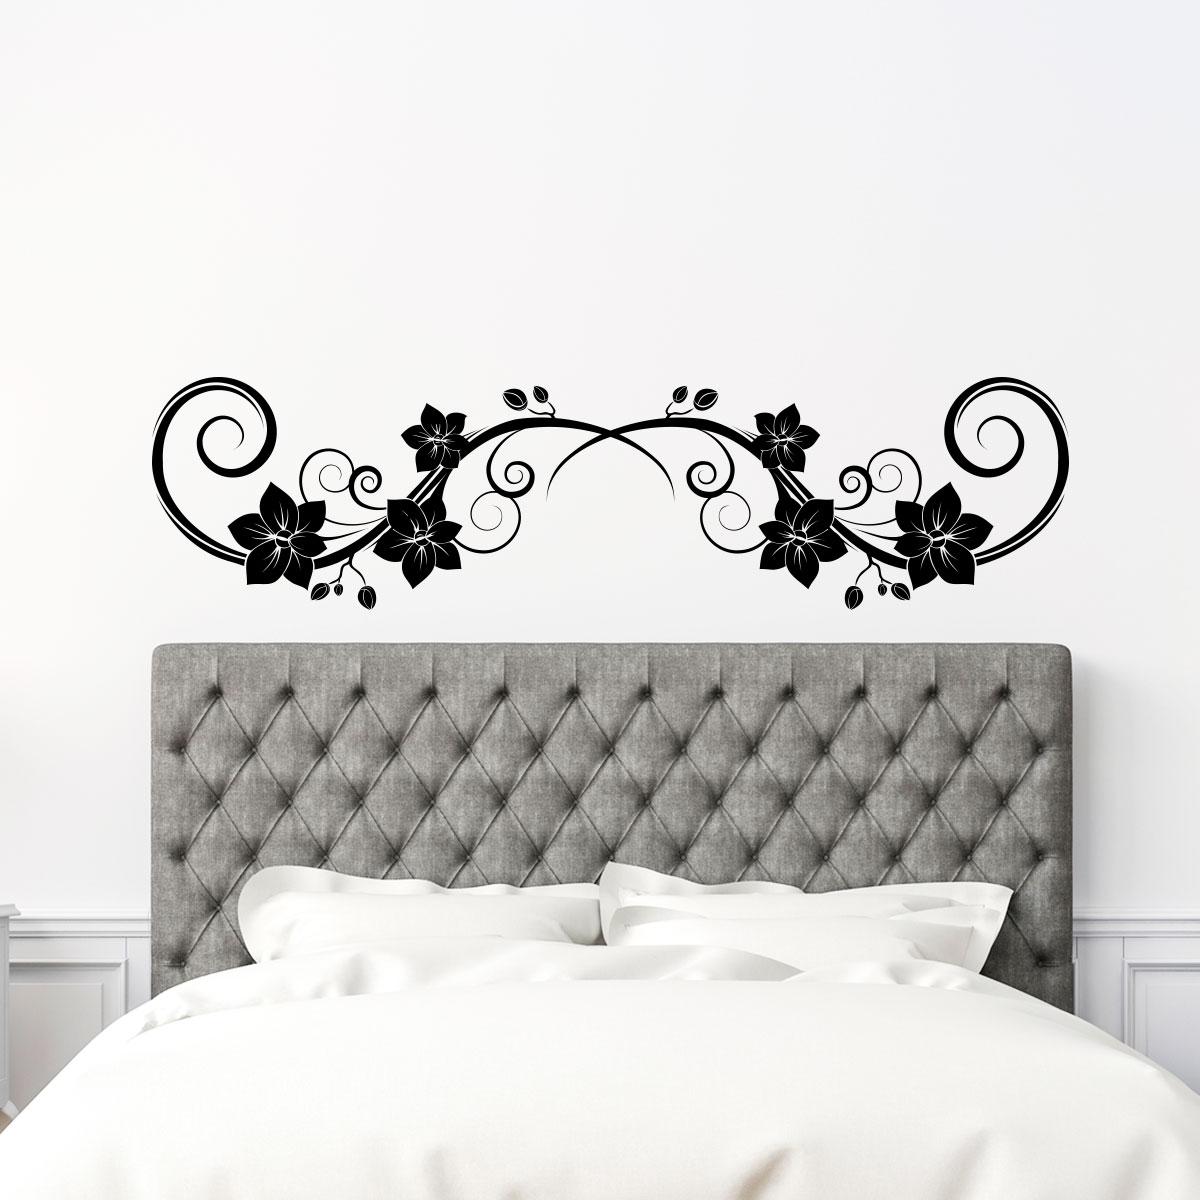 sticker t te de lit orchid es stickers chambre t tes de lit ambiance sticker. Black Bedroom Furniture Sets. Home Design Ideas